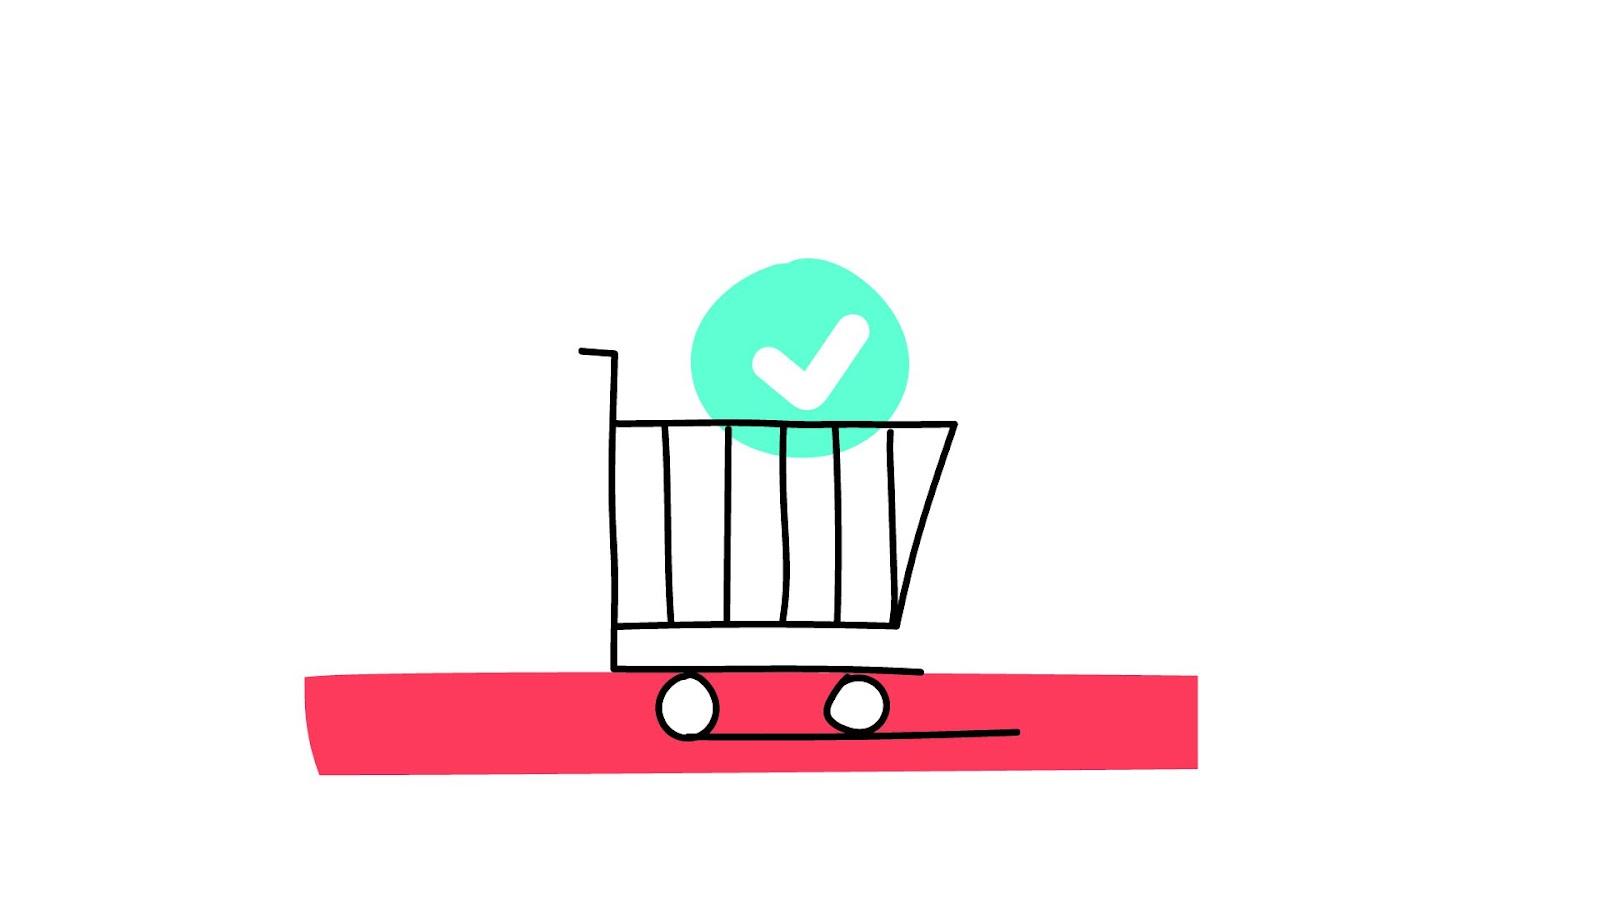 Survey questions for e-commerce